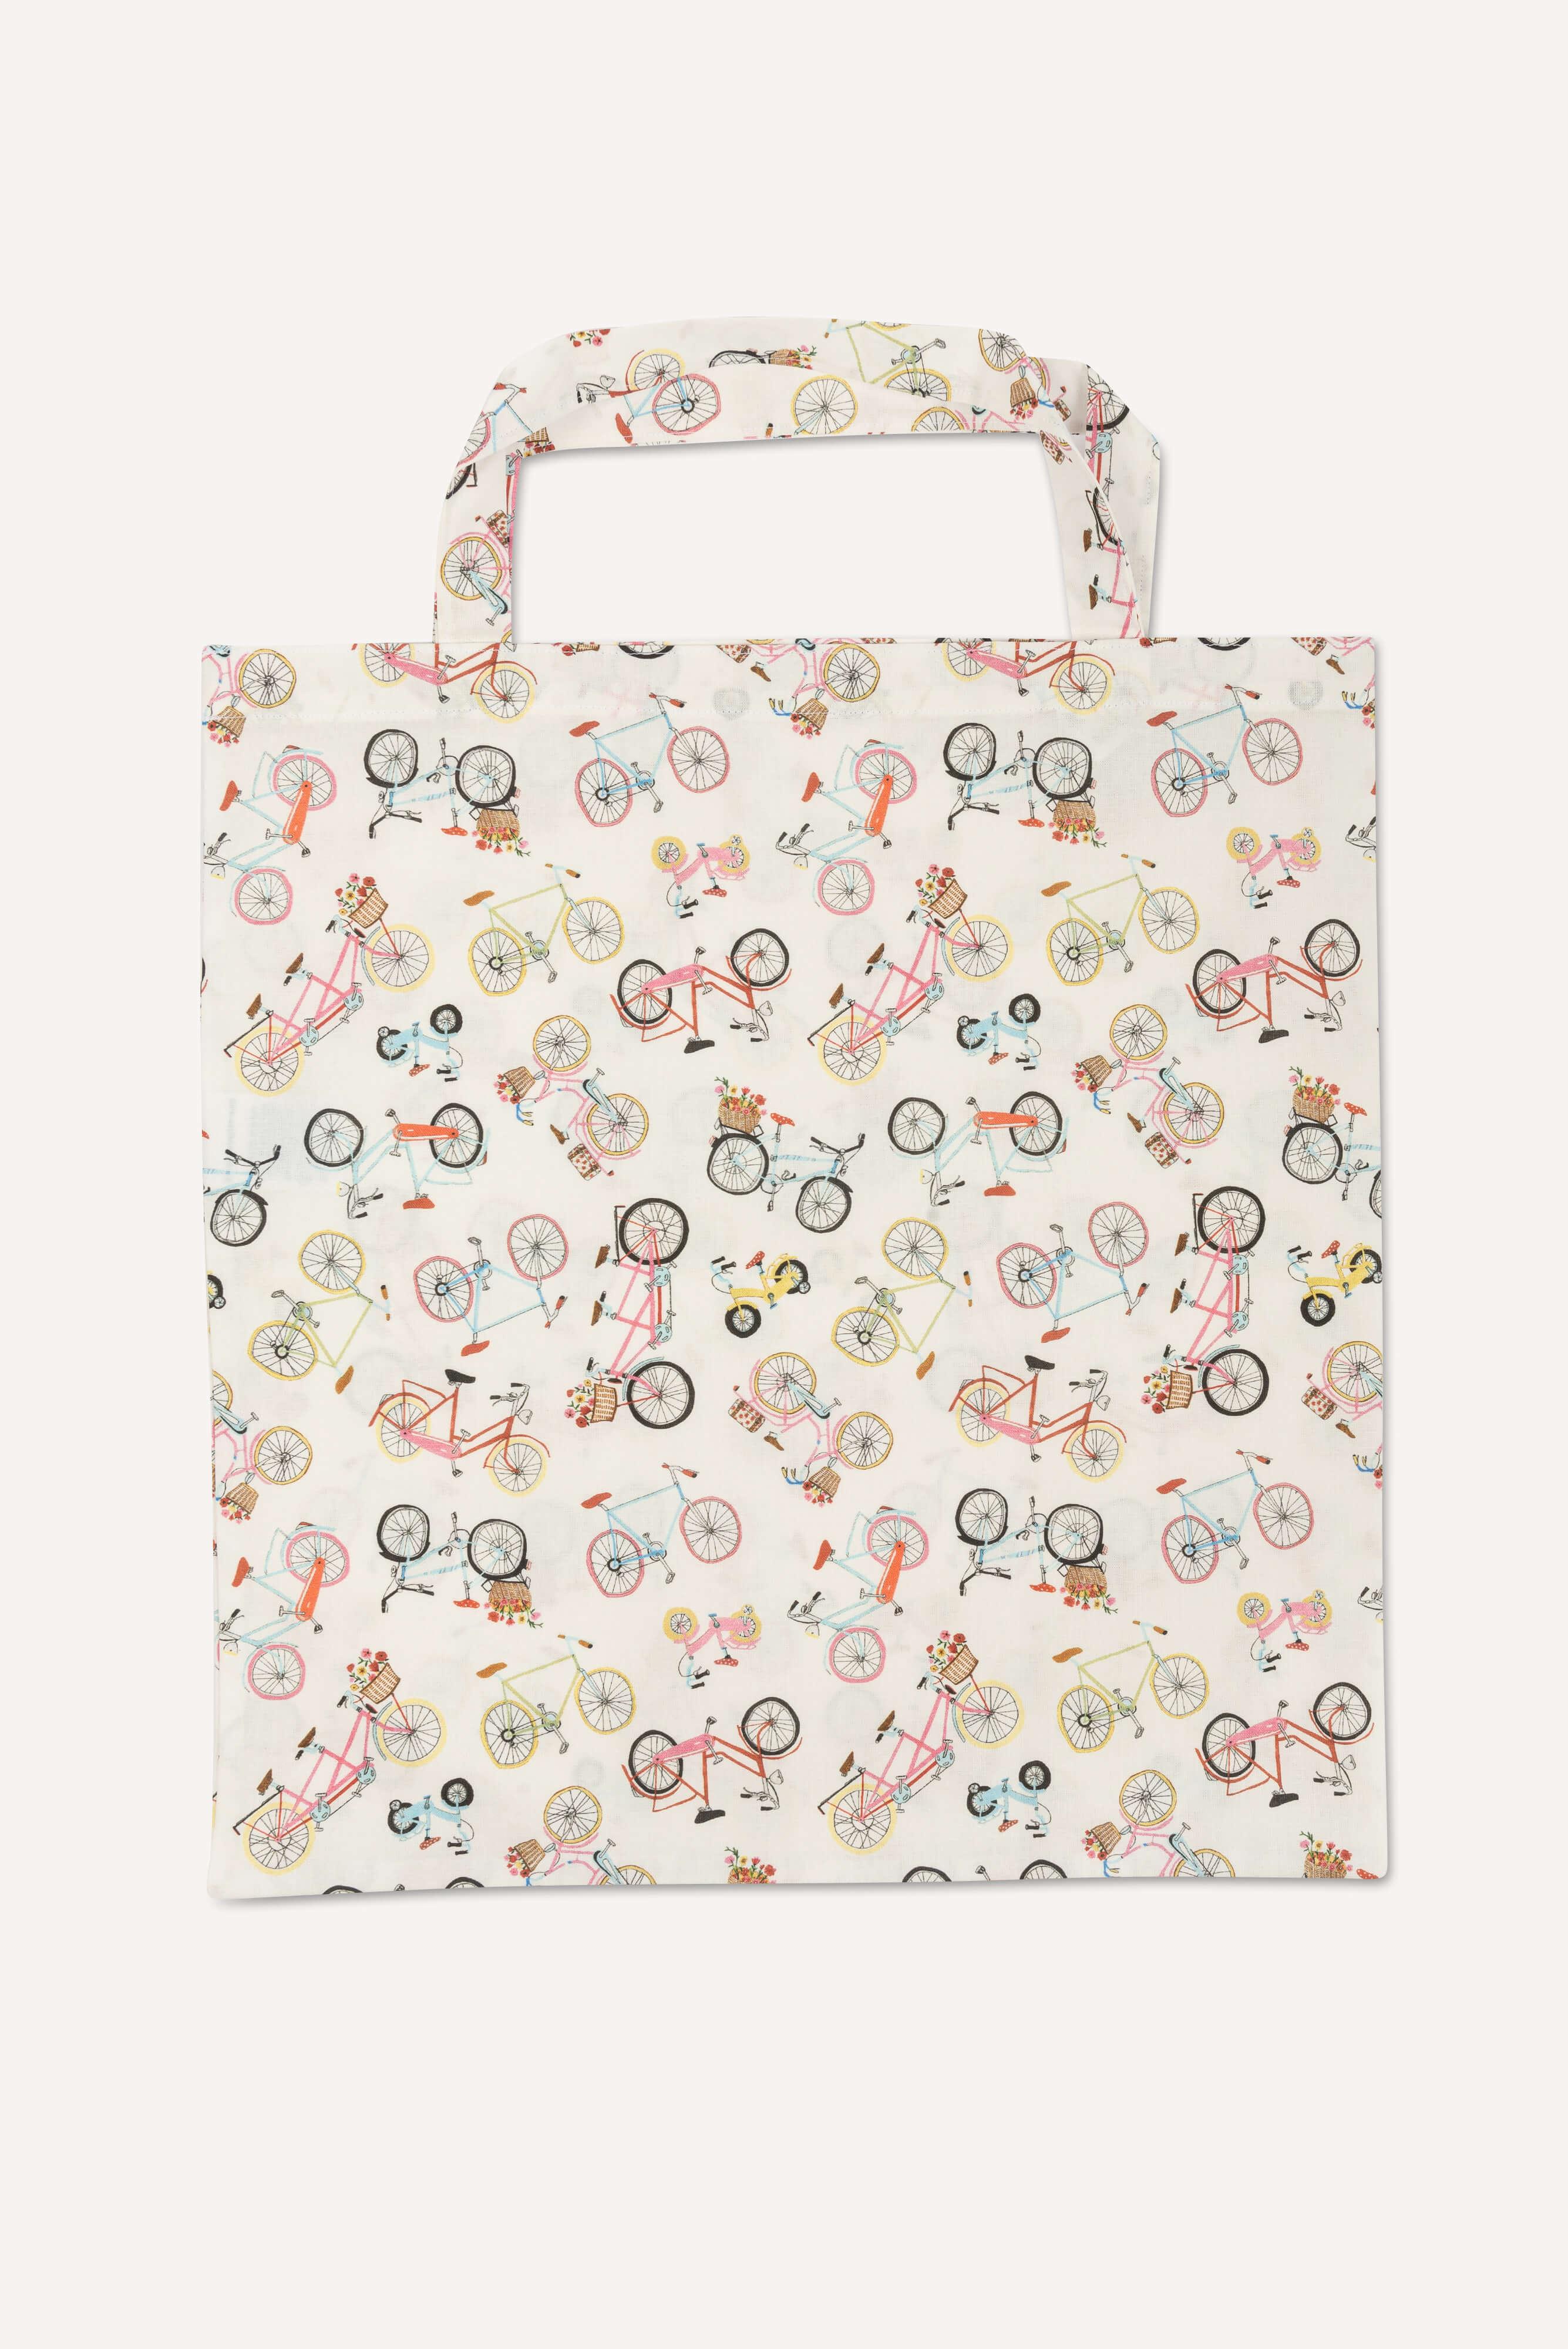 Einkaufstasche, Fahrräder